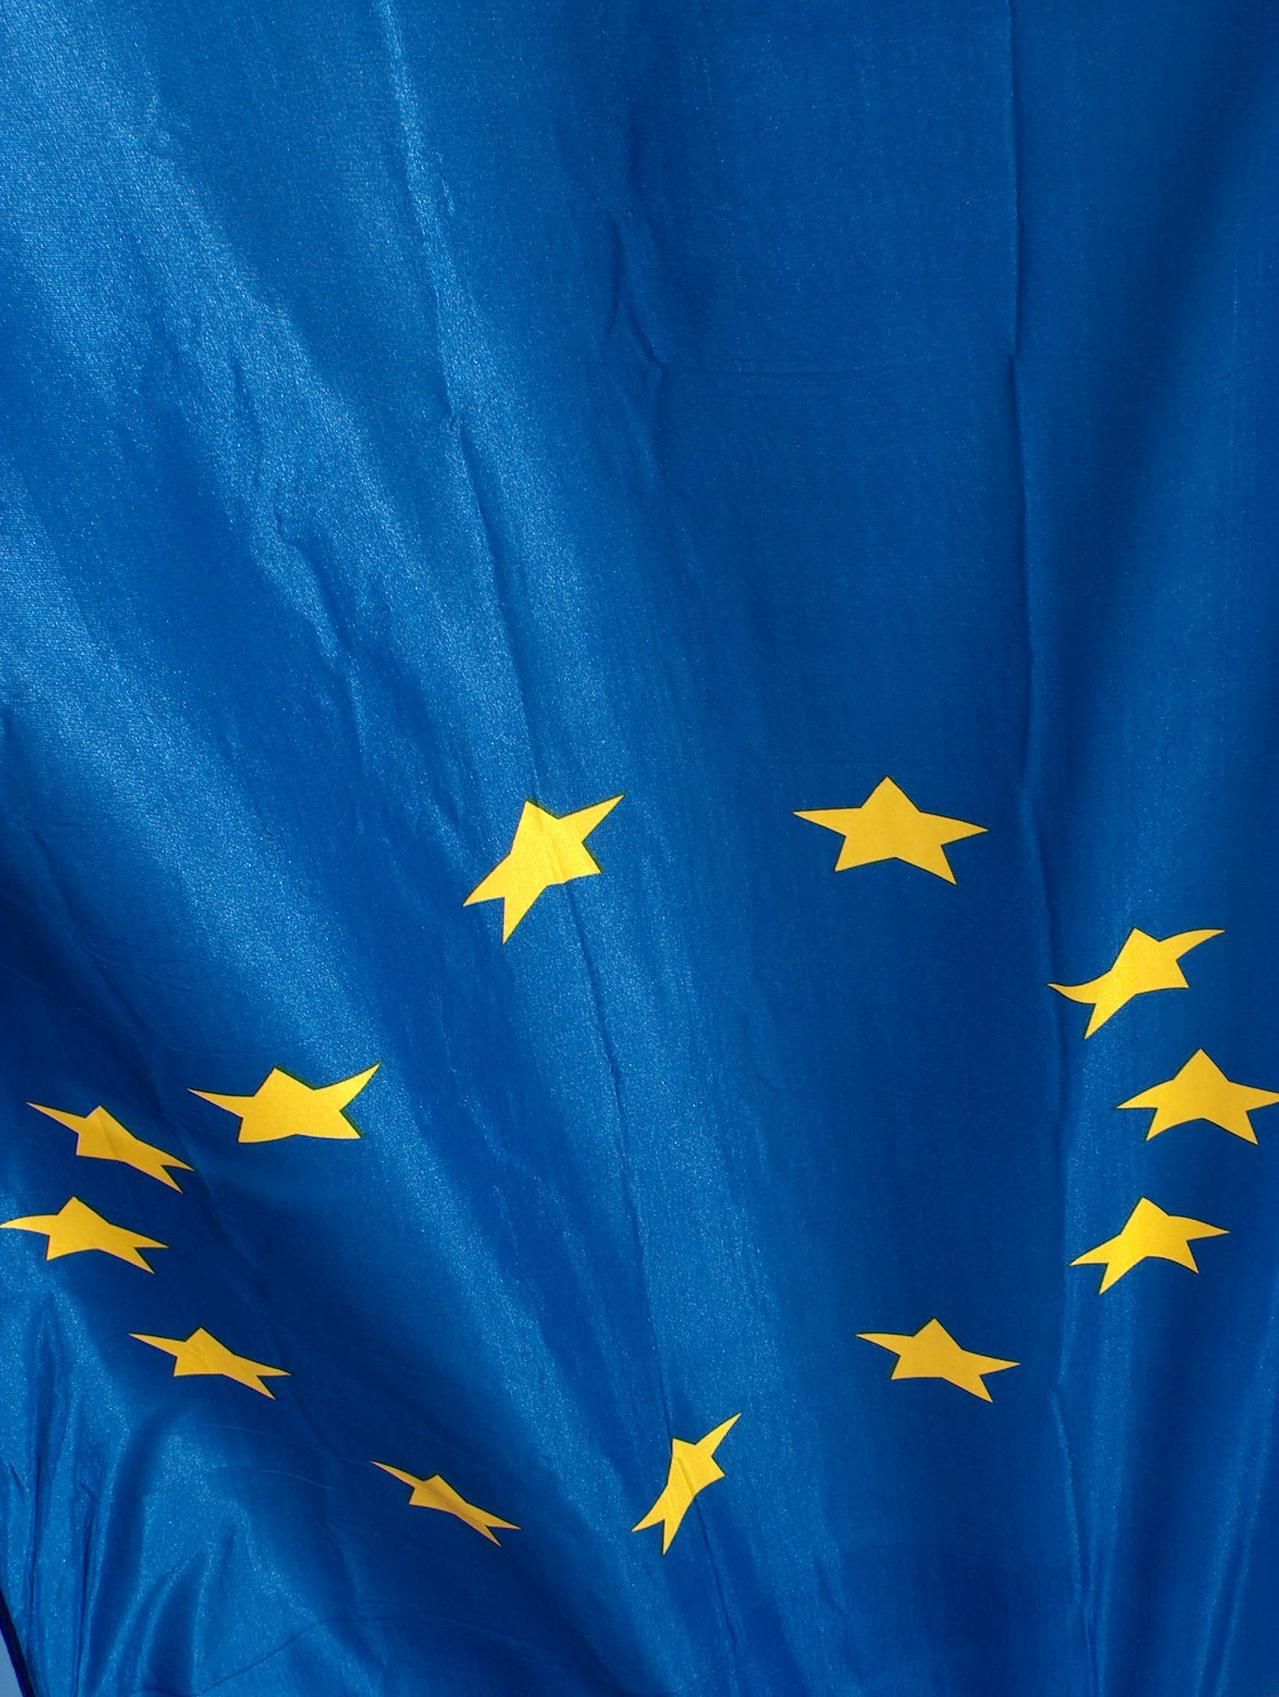 eu-flag-1568439-1279×1697